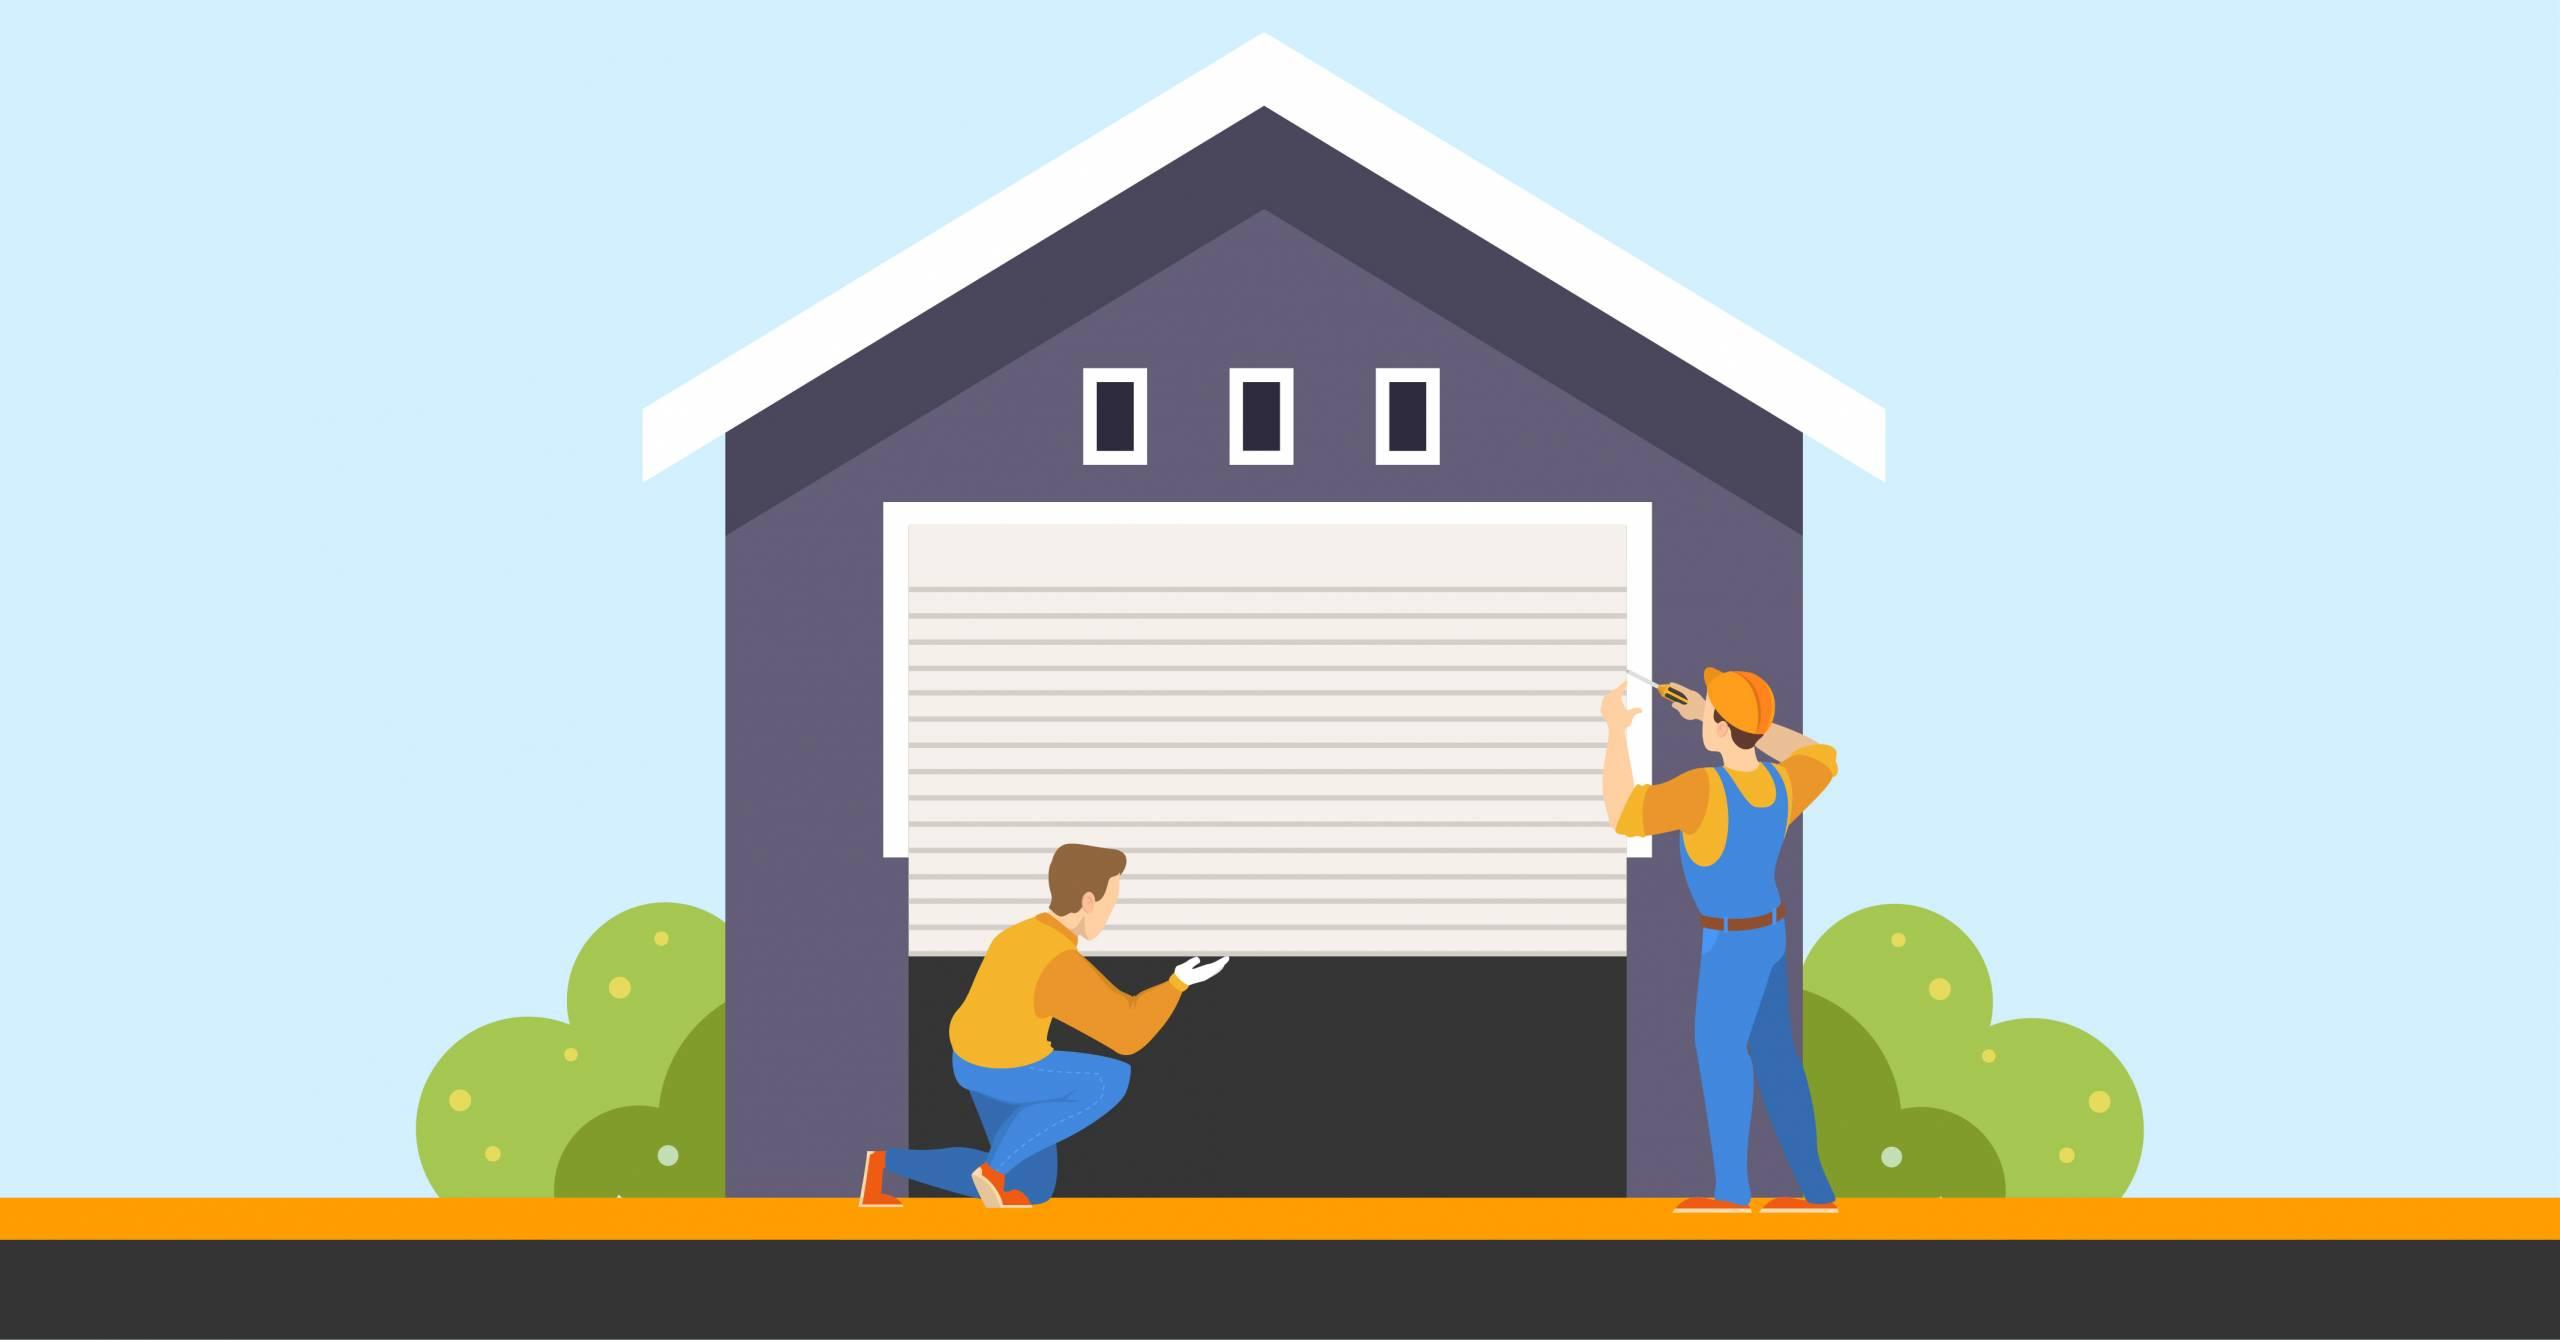 Graphic of workman installing a secure garage door